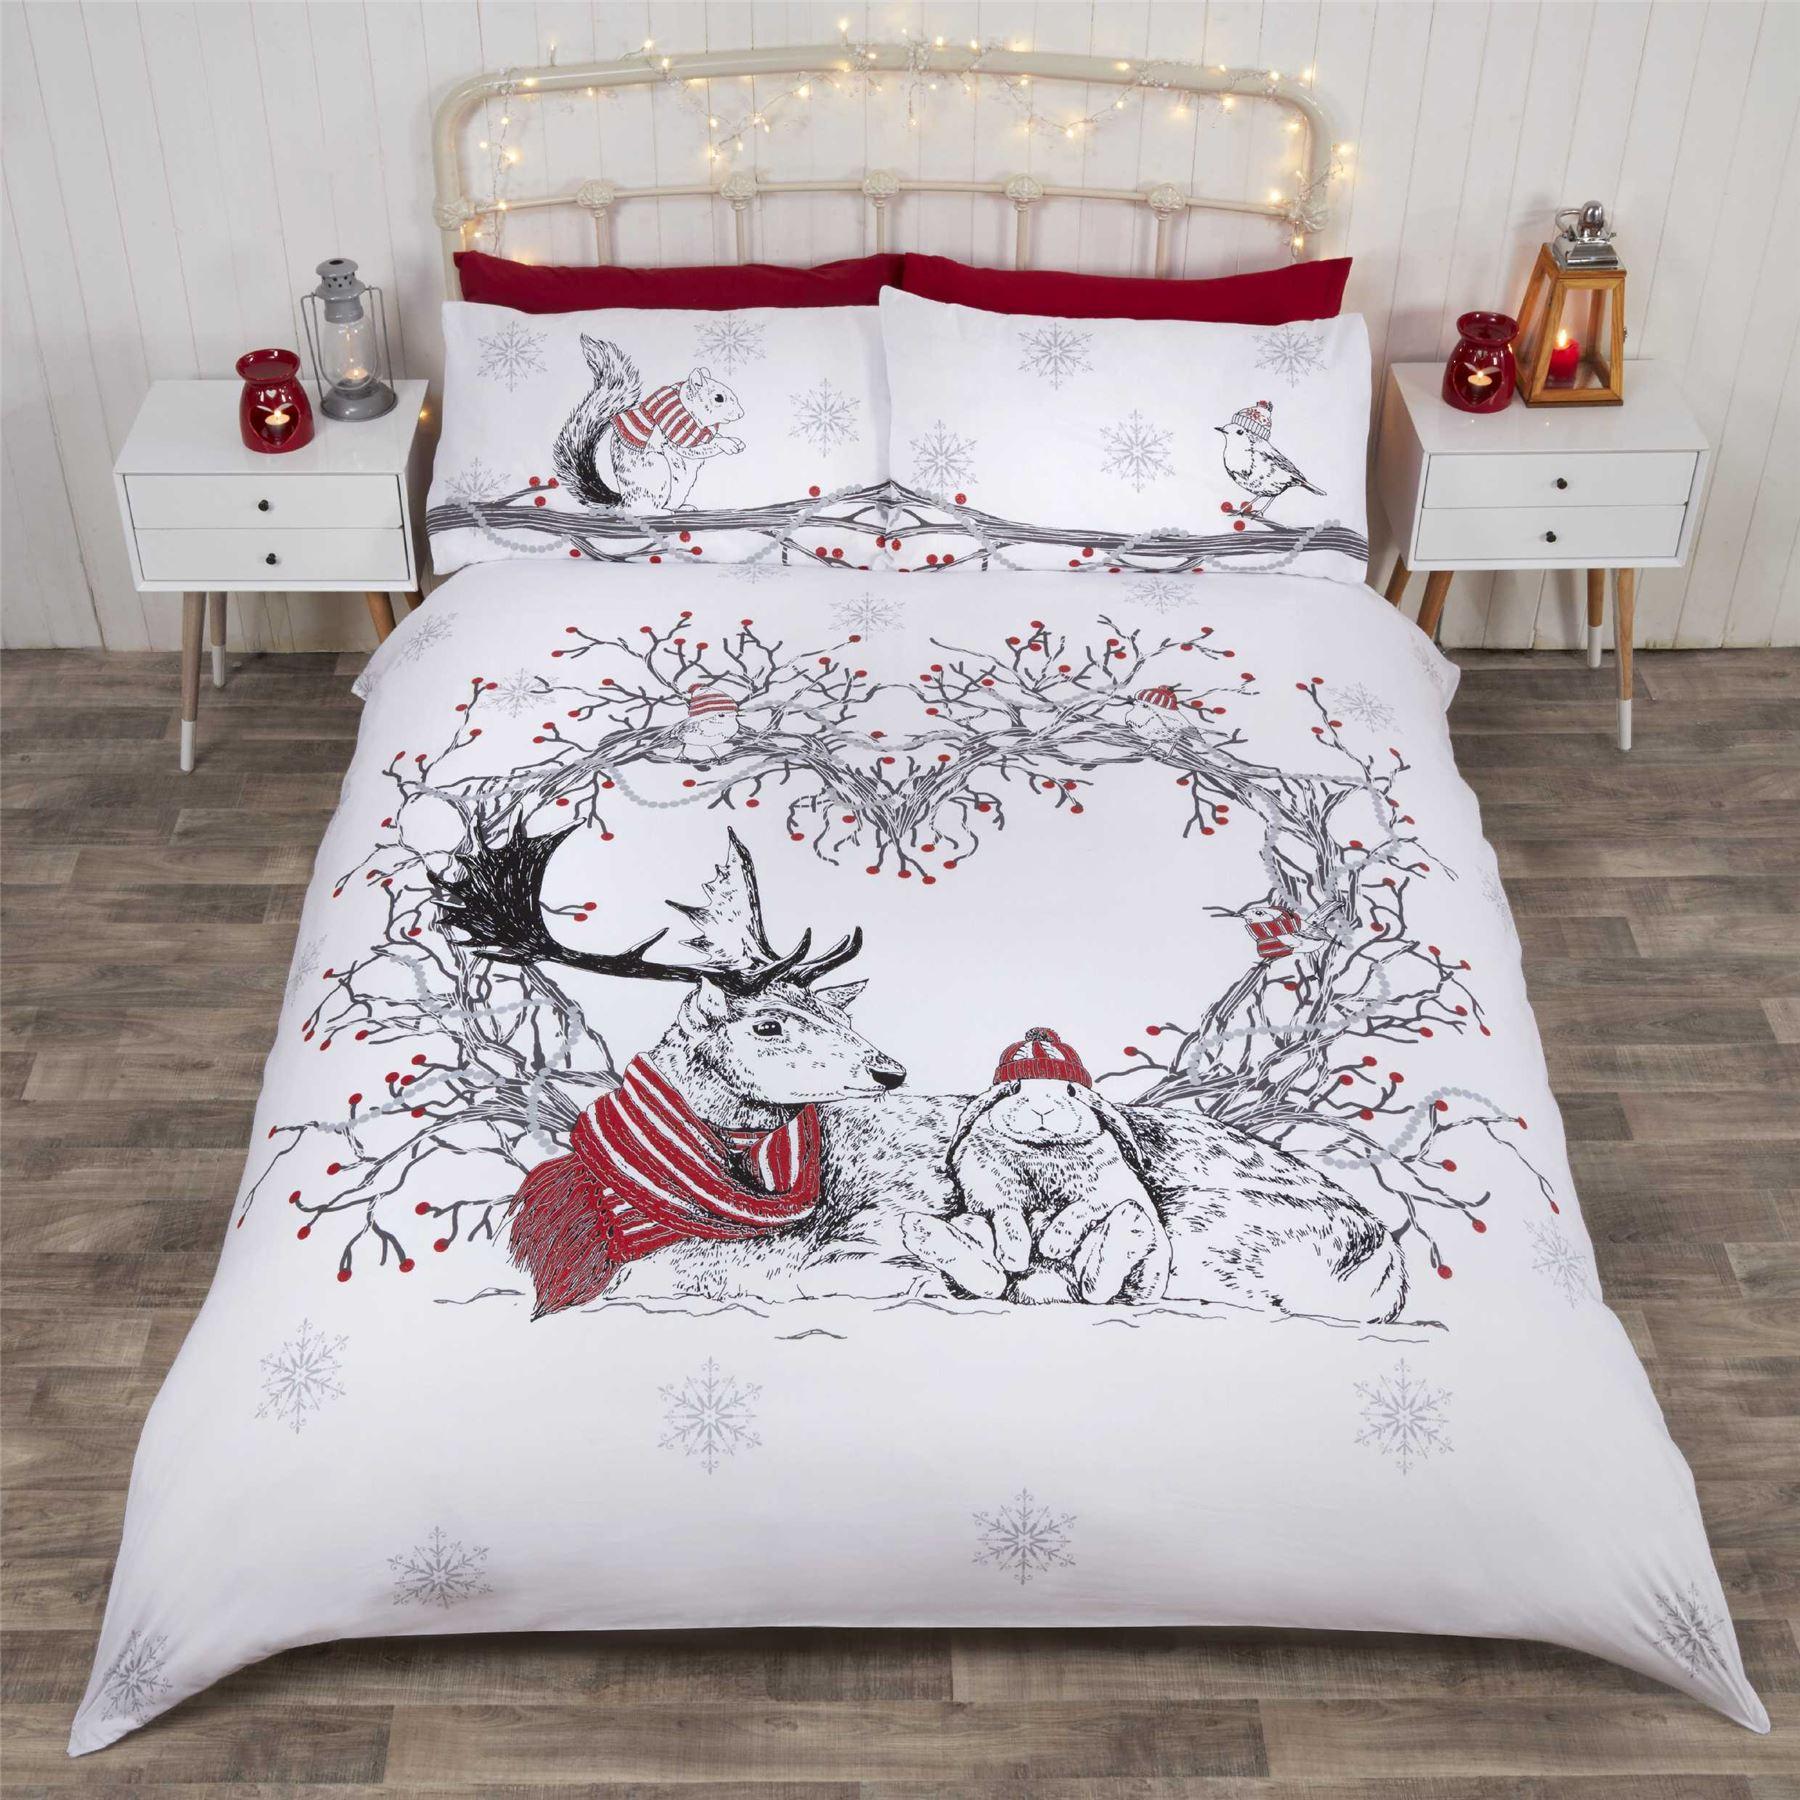 Natale trapunta copripiumino e federa biancheria letto set regalo di babbo ebay - Amici di letto chat ...